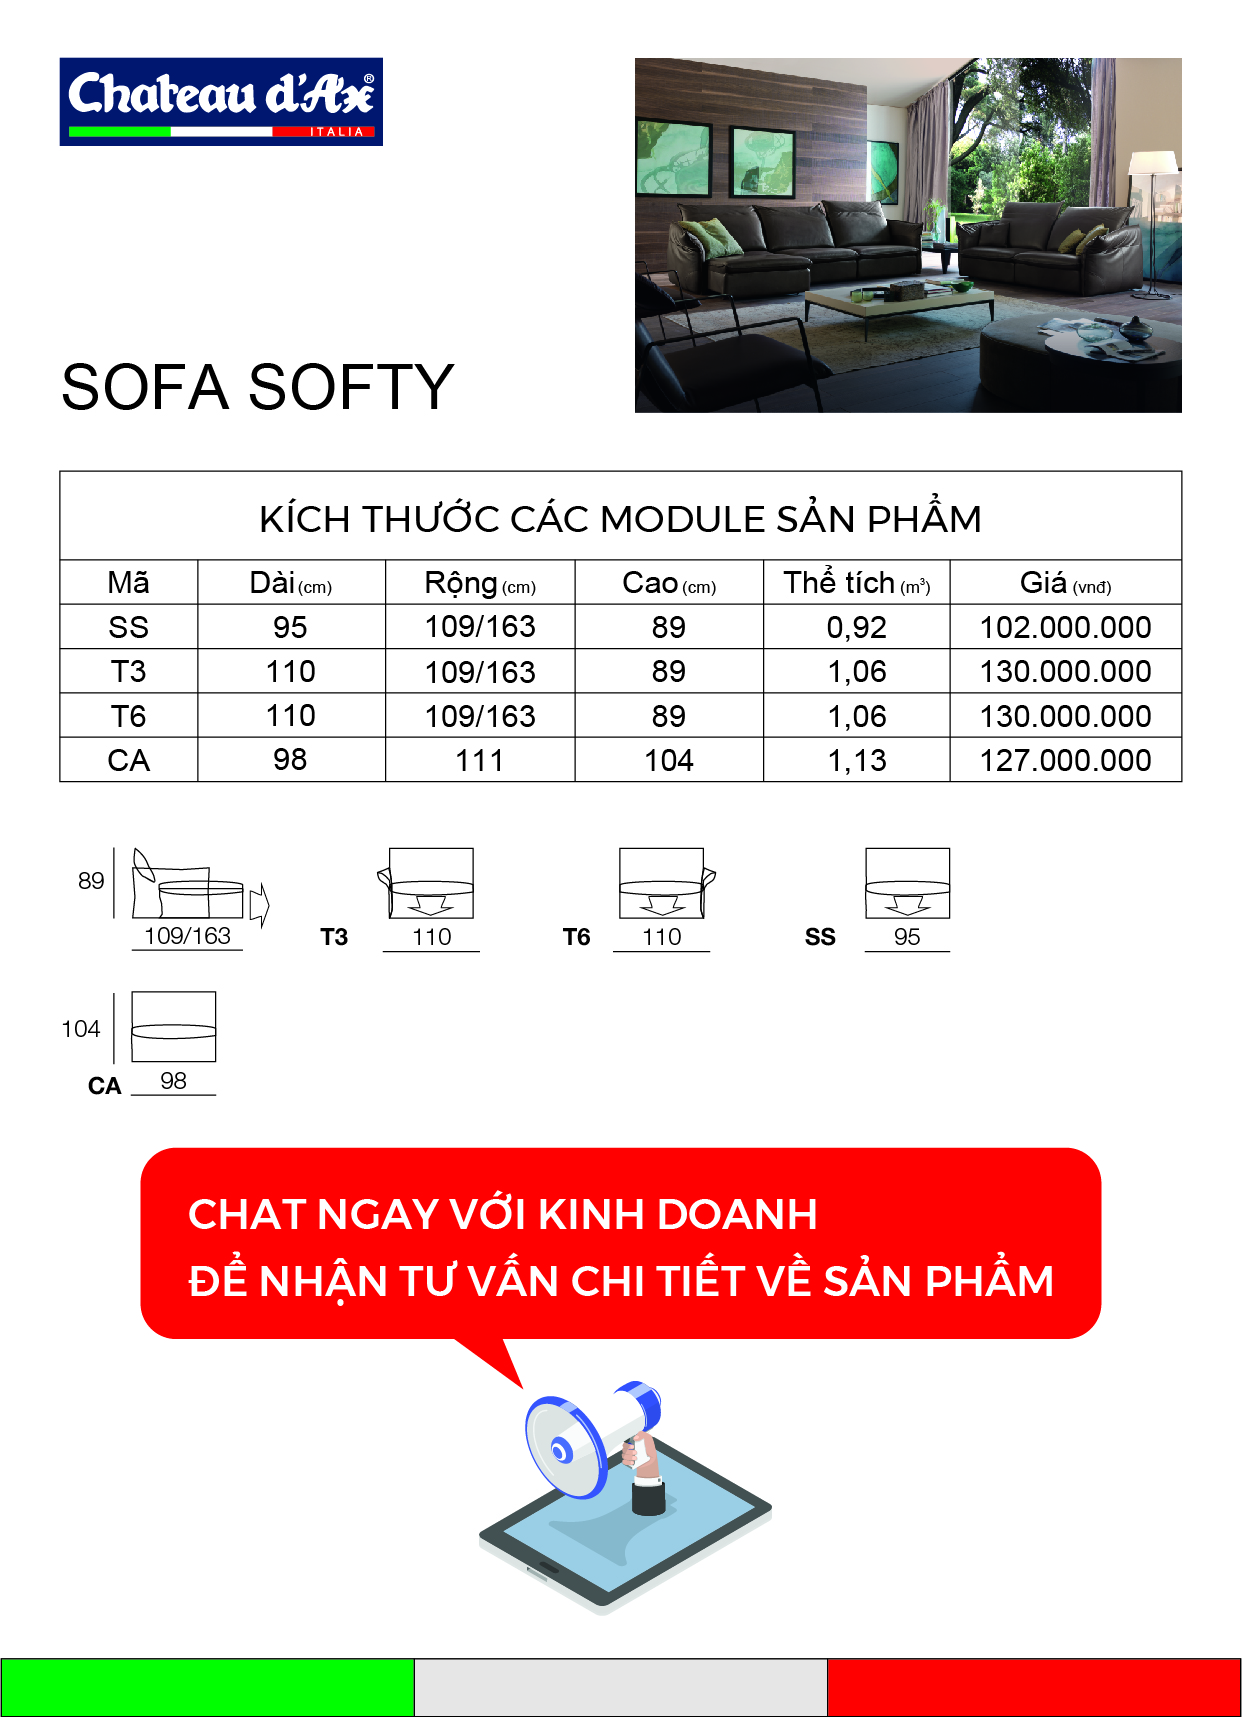 miêu tả kĩ thuật sofa Softy